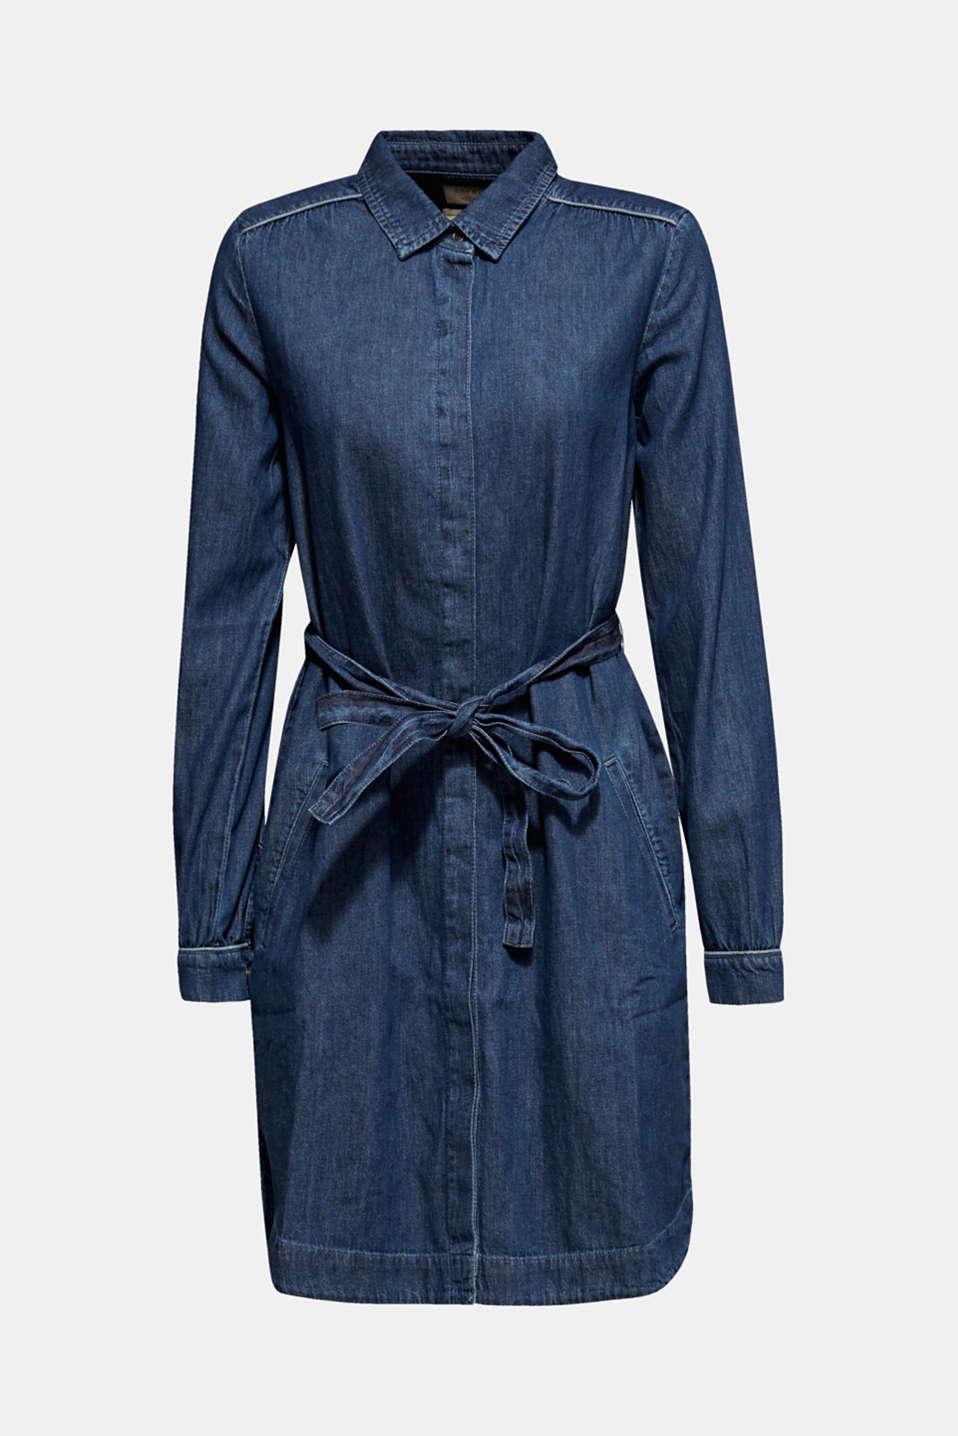 Denim dress with a tie-around belt, 100% cotton, BLUE MEDIUM WASH, detail image number 6